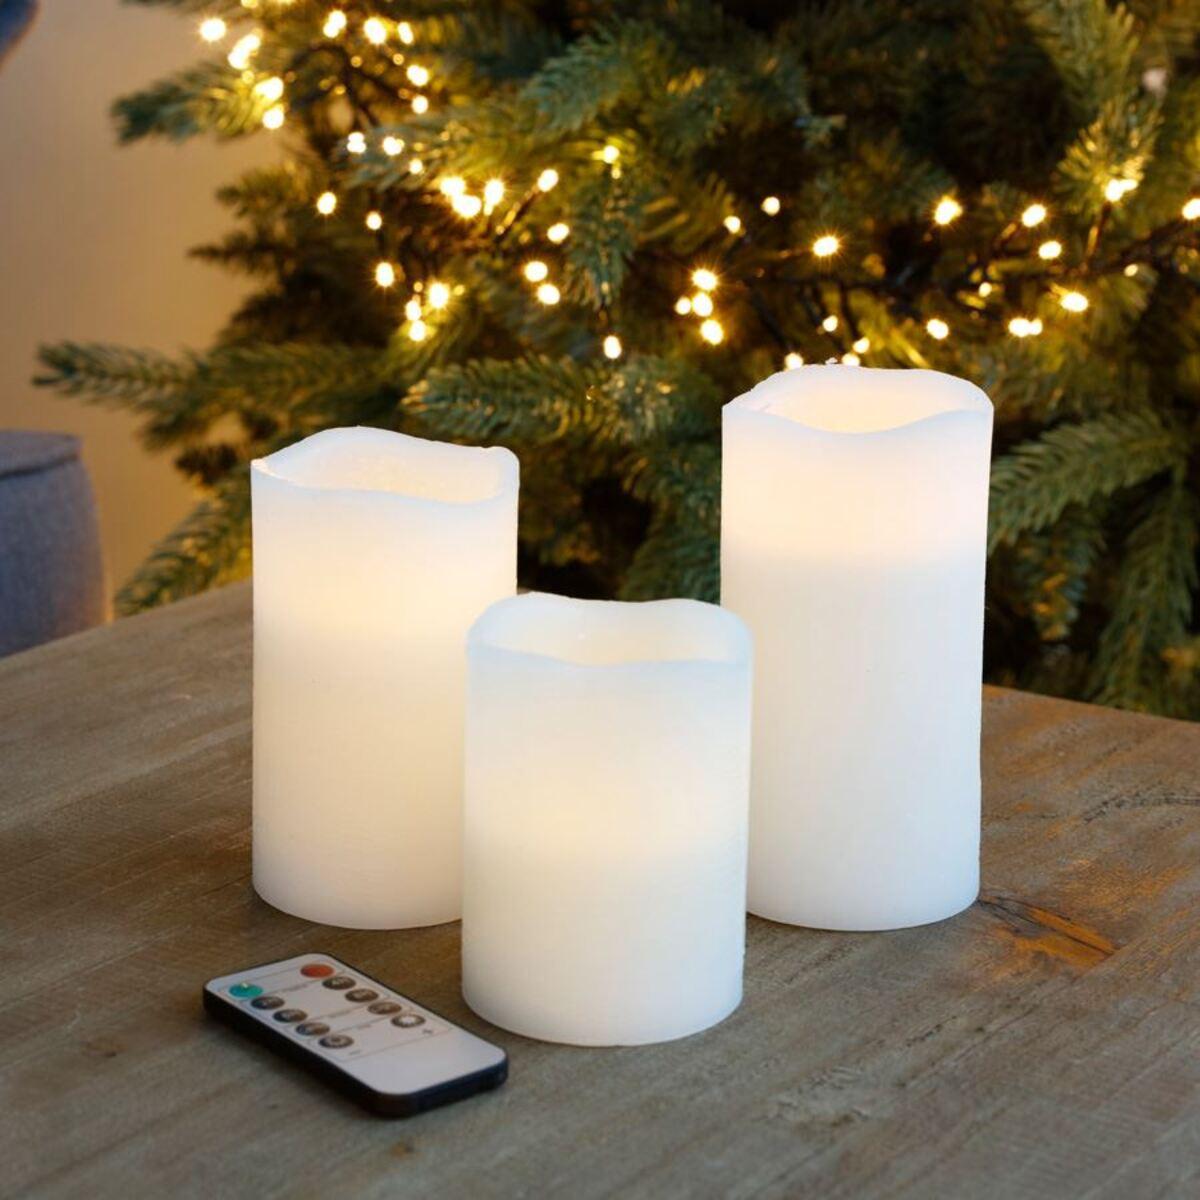 Bild 1 von LED-Echtwachskerzen 3er-Set mit Timerfunktion und Dimmer